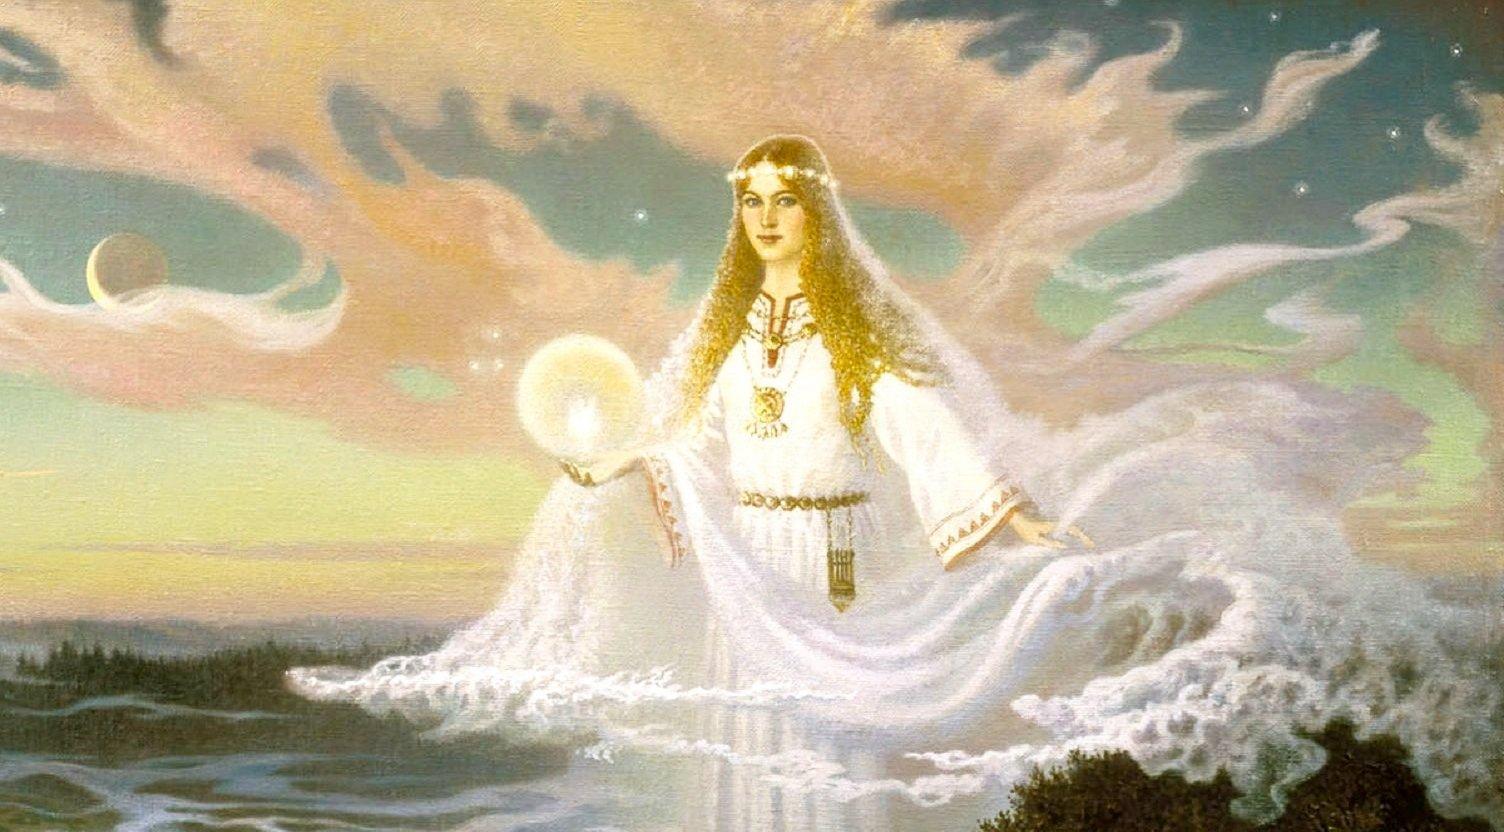 Славянская богиня лада - покровительница любви и красоты :: syl.ru